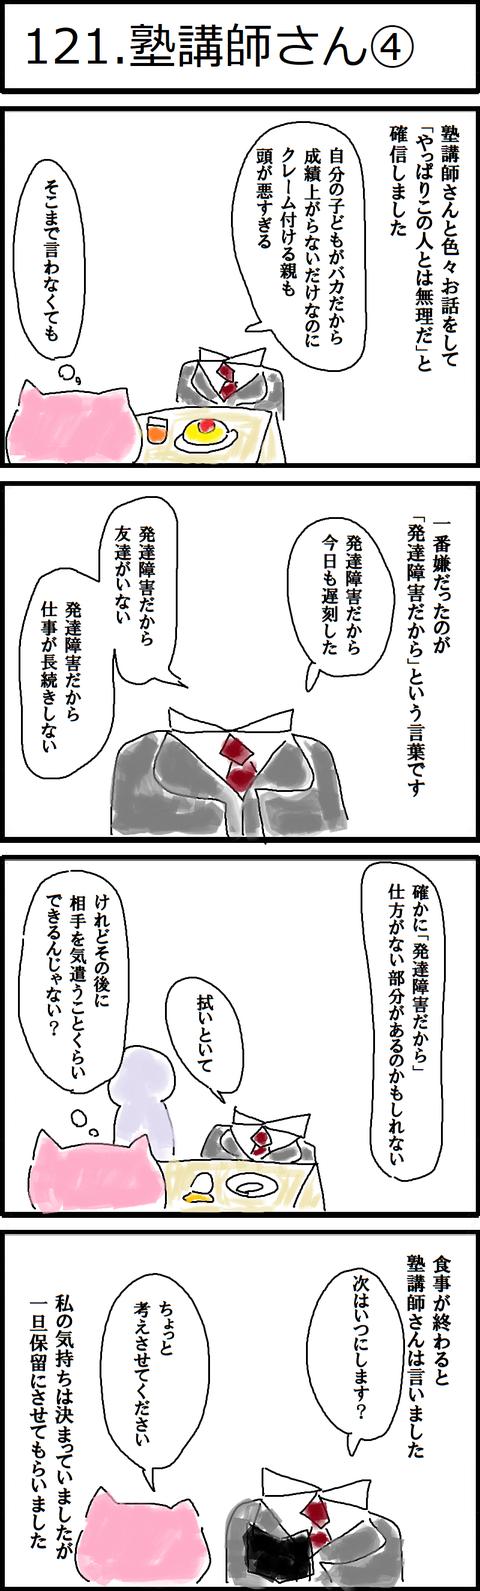 121.塾講師さん④